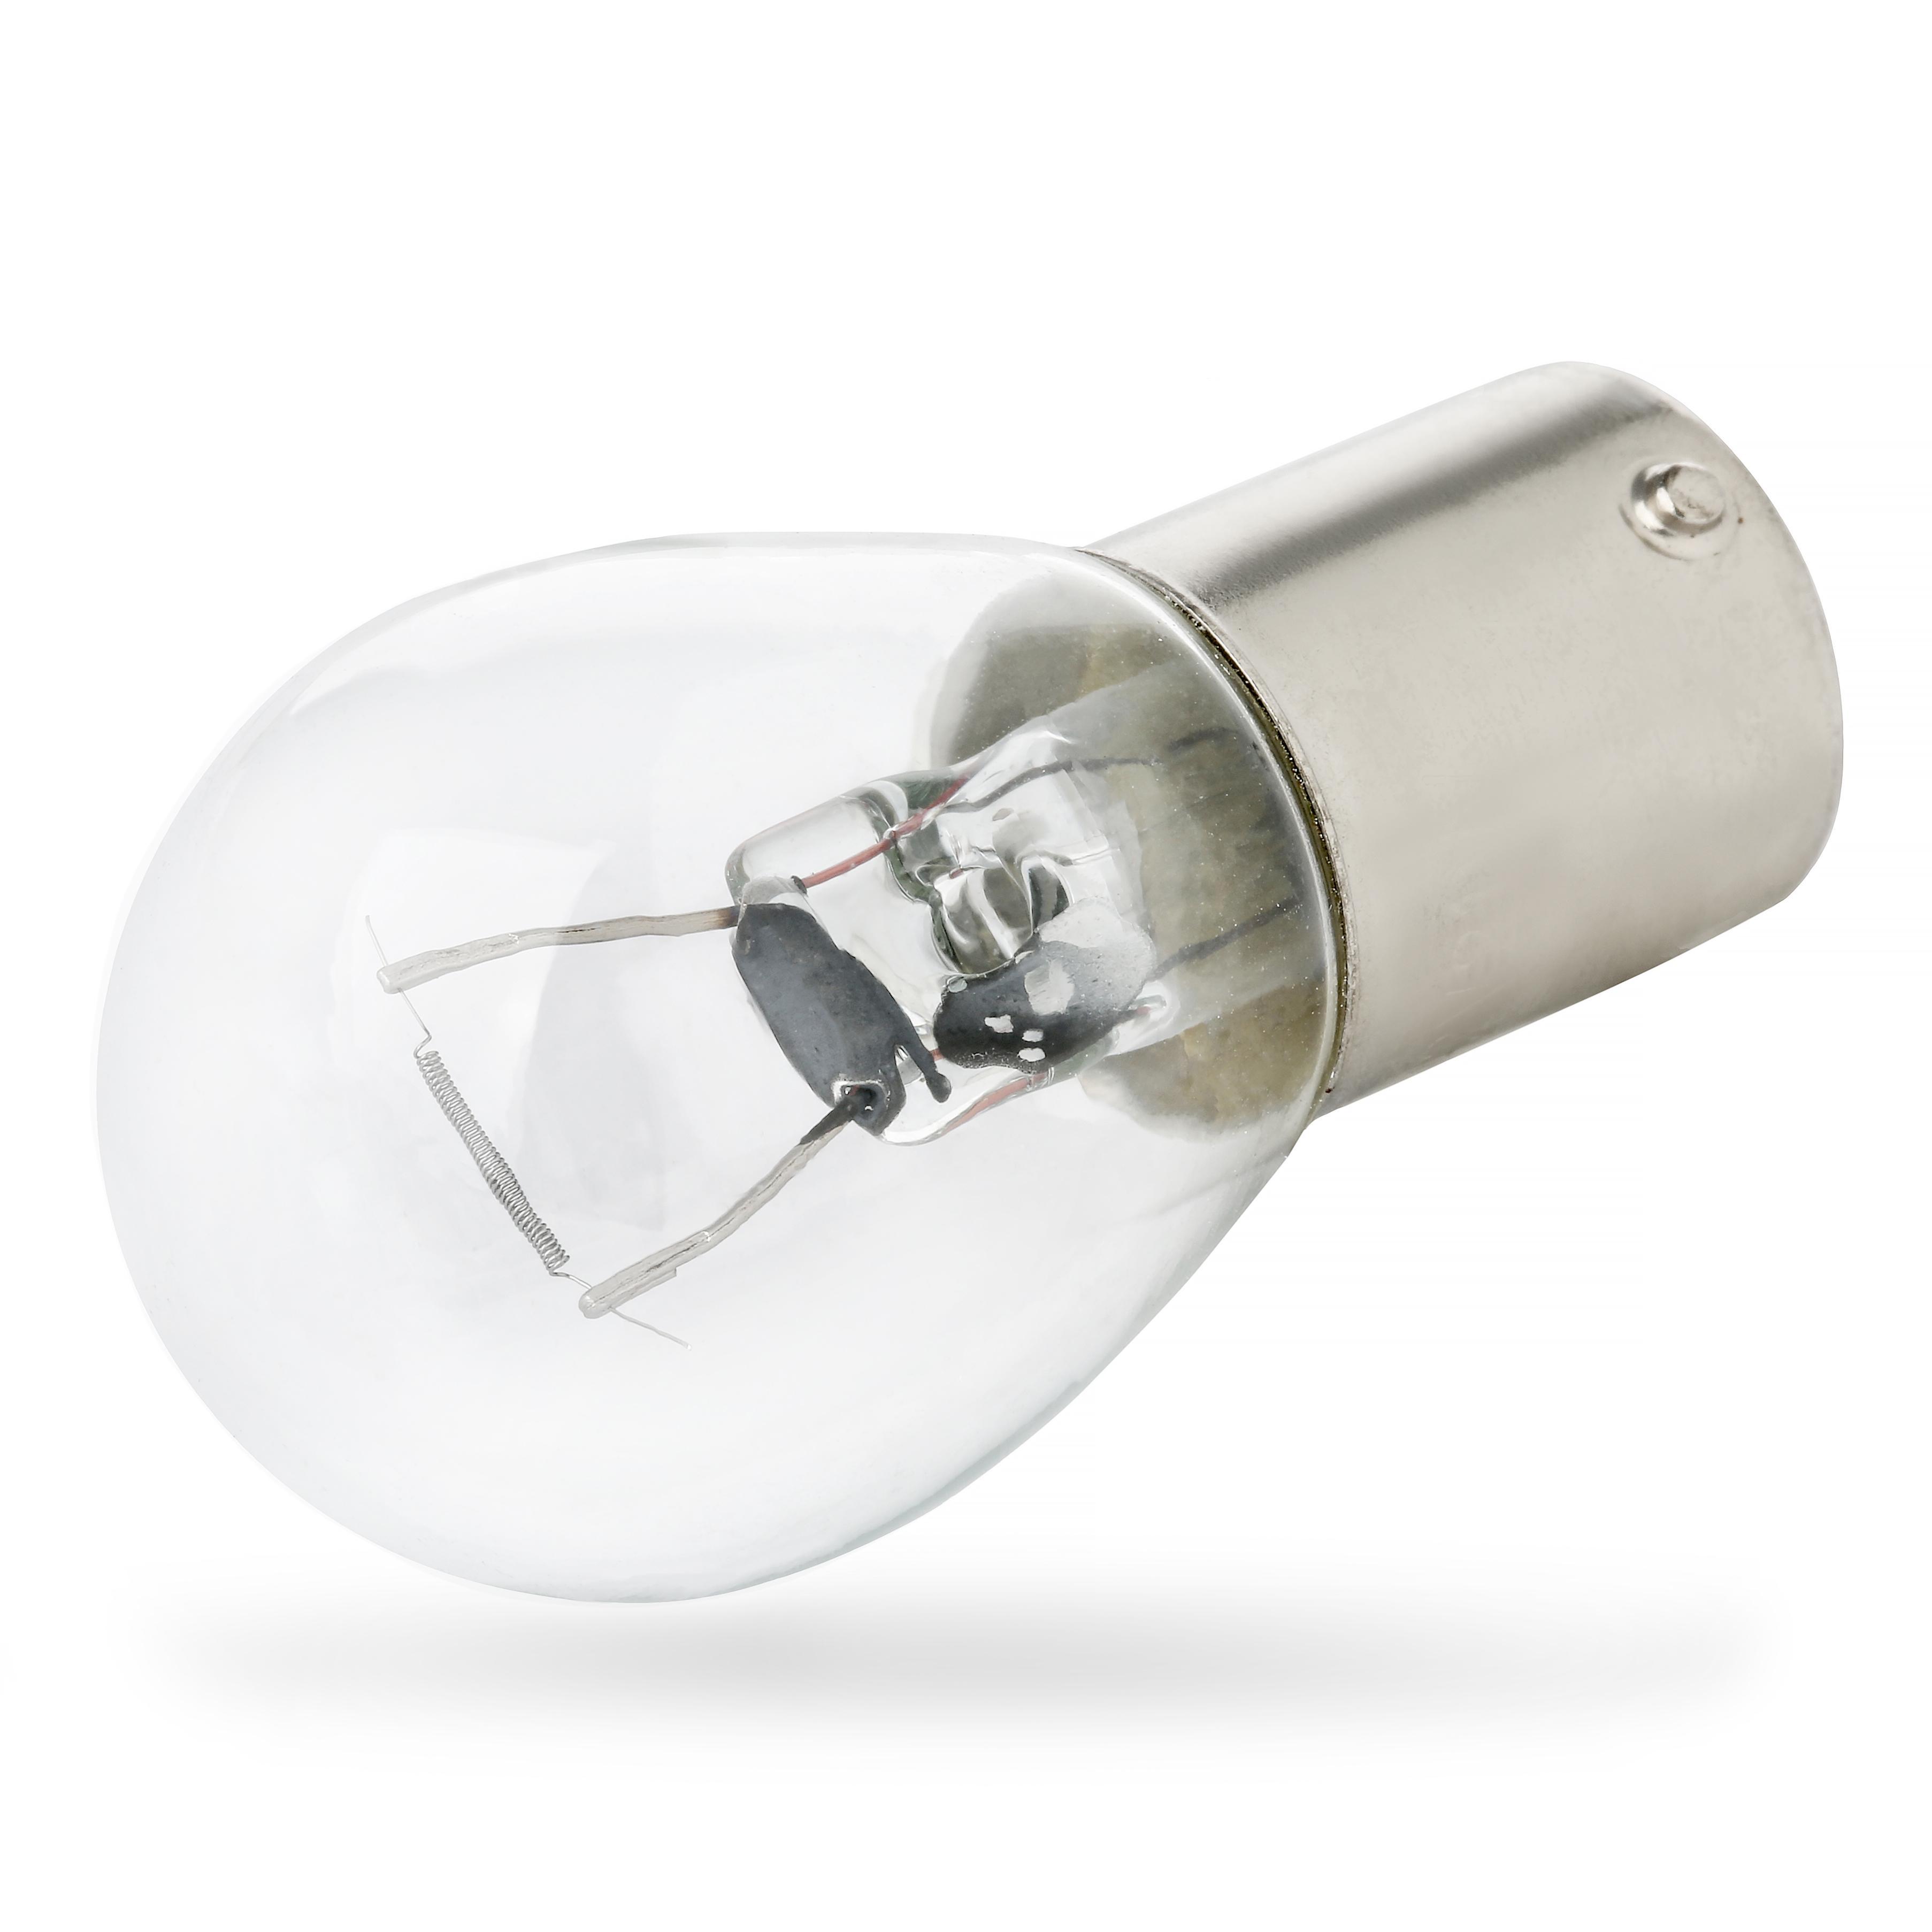 Lámpara JP GROUP 1195901400 evaluación